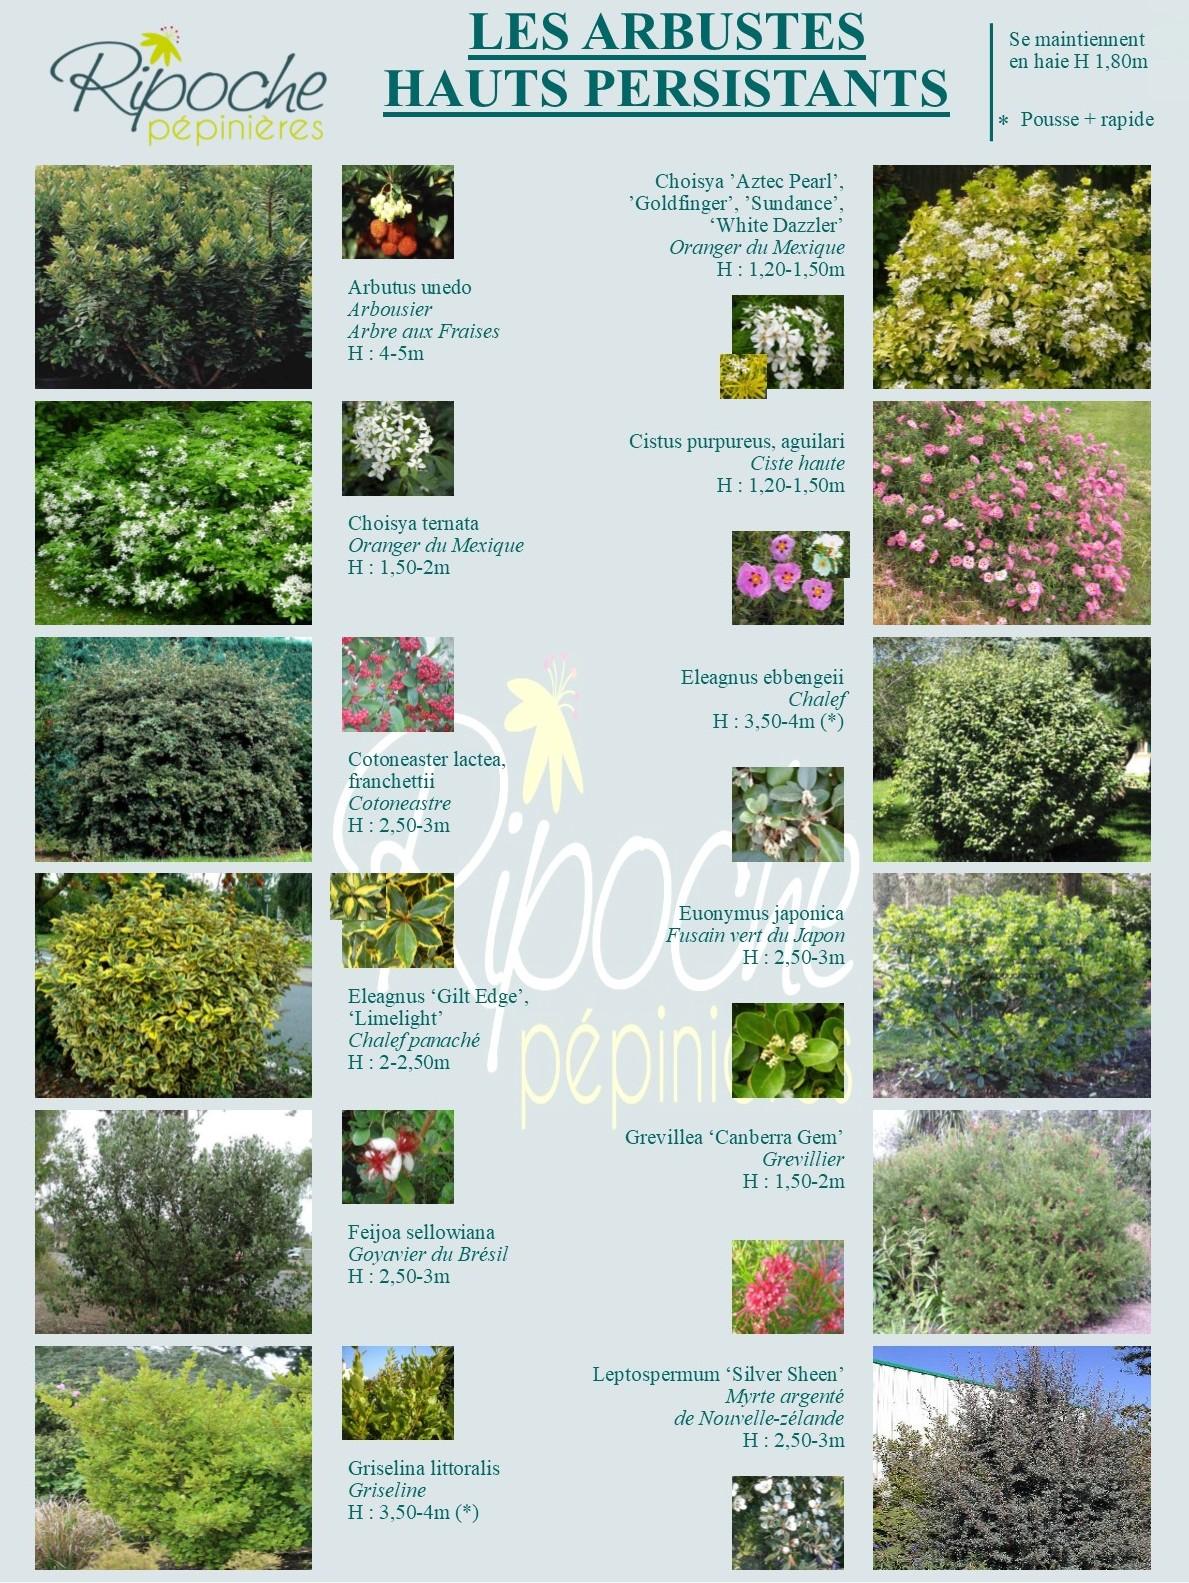 Arbustes hauts persistant1